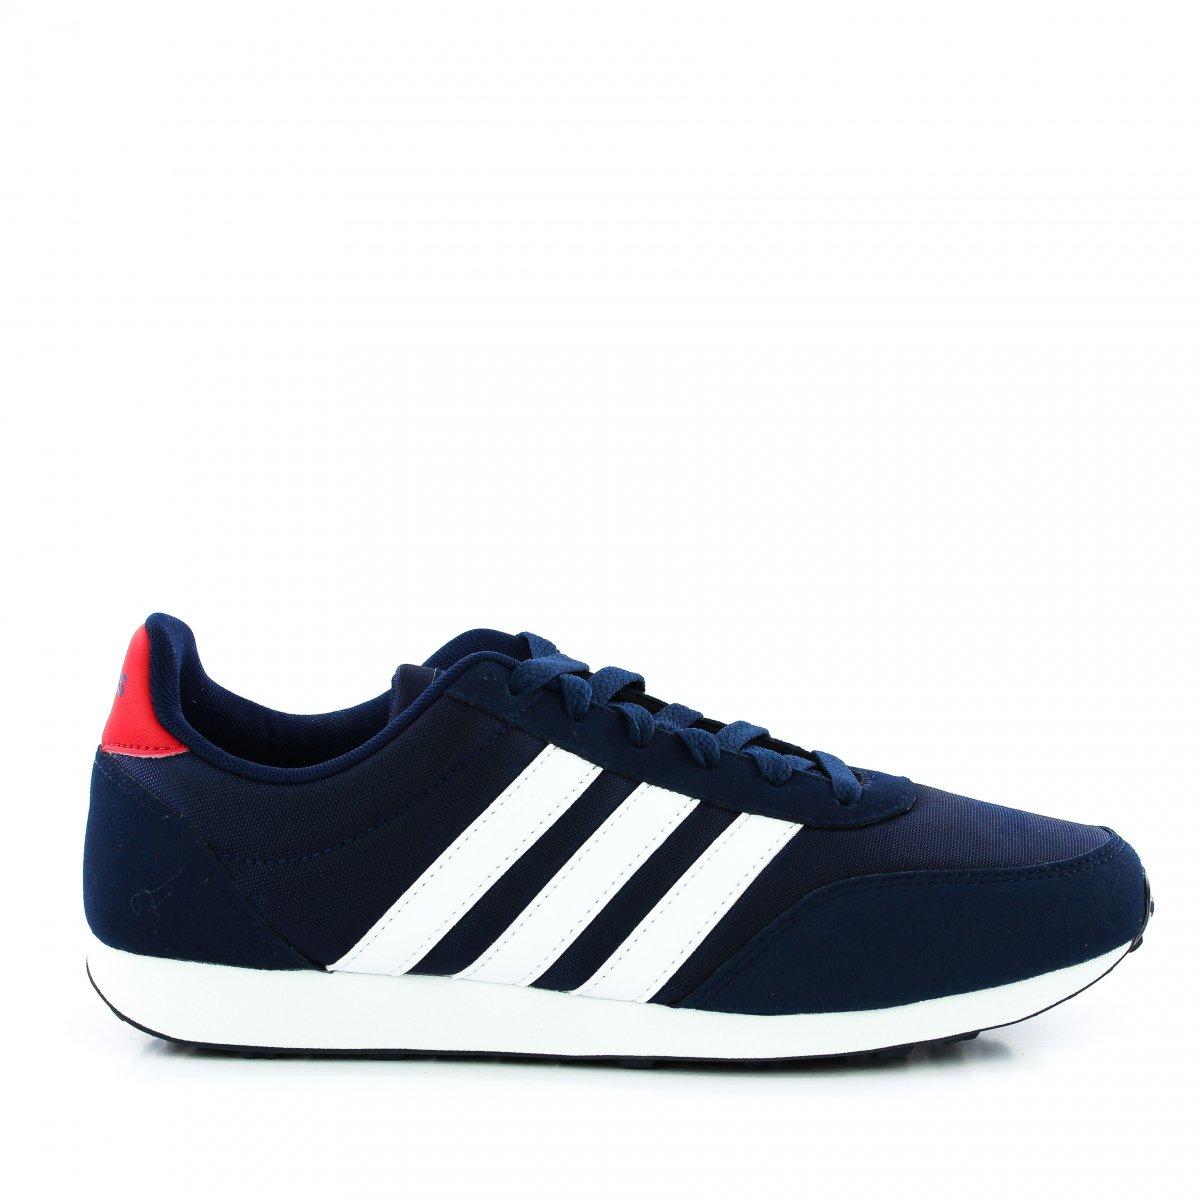 117eb7ca00 Tenis Adidas v Racer 2.0 Cg5706 | Azul Marinho/branco | Coutope